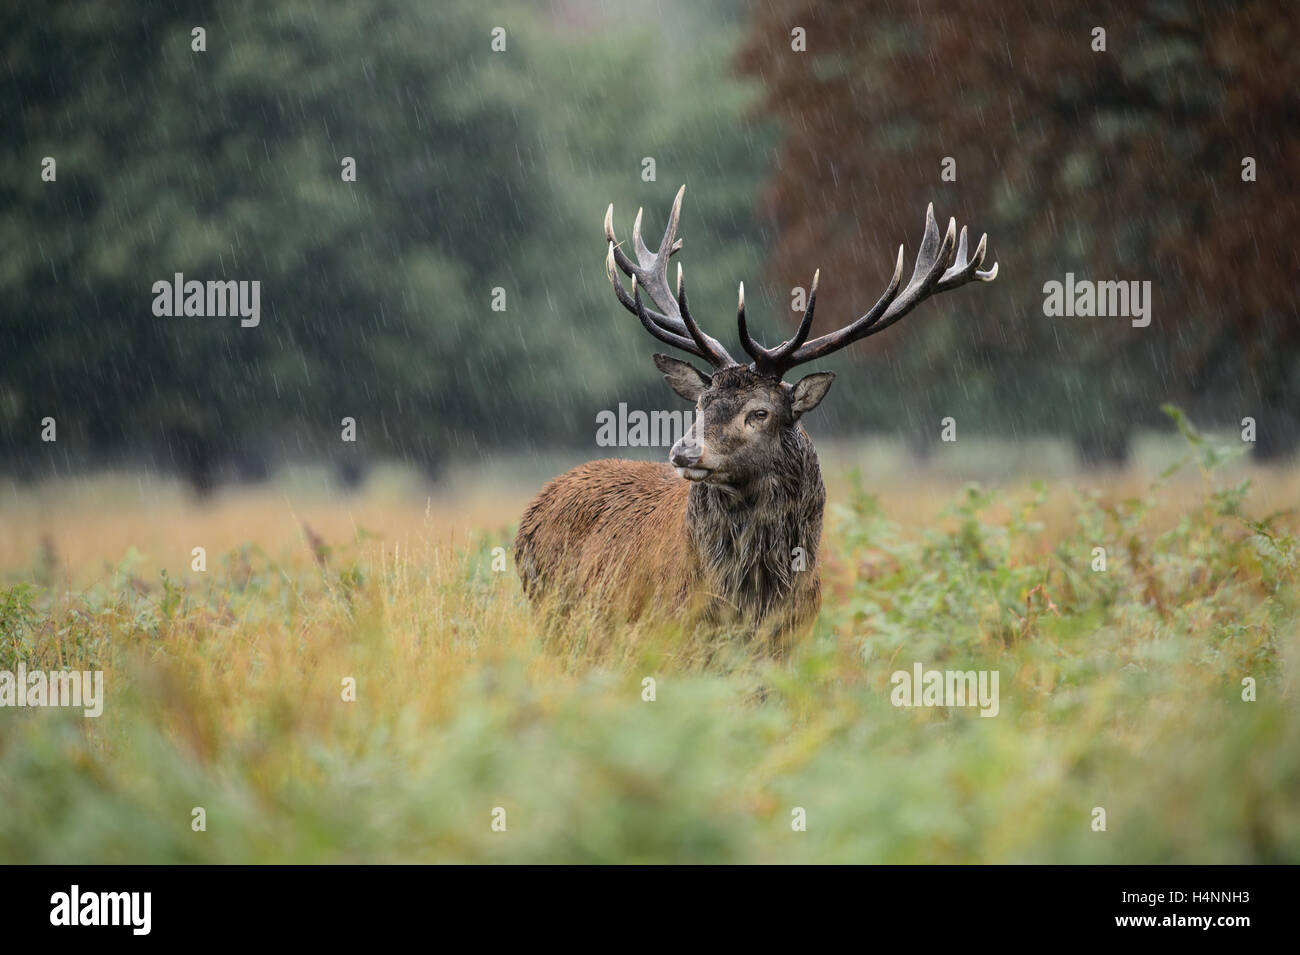 Ciervo ciervo en la lluvia durante la temporada de celo. Richmond Park, Londres, Reino Unido. Imagen De Stock